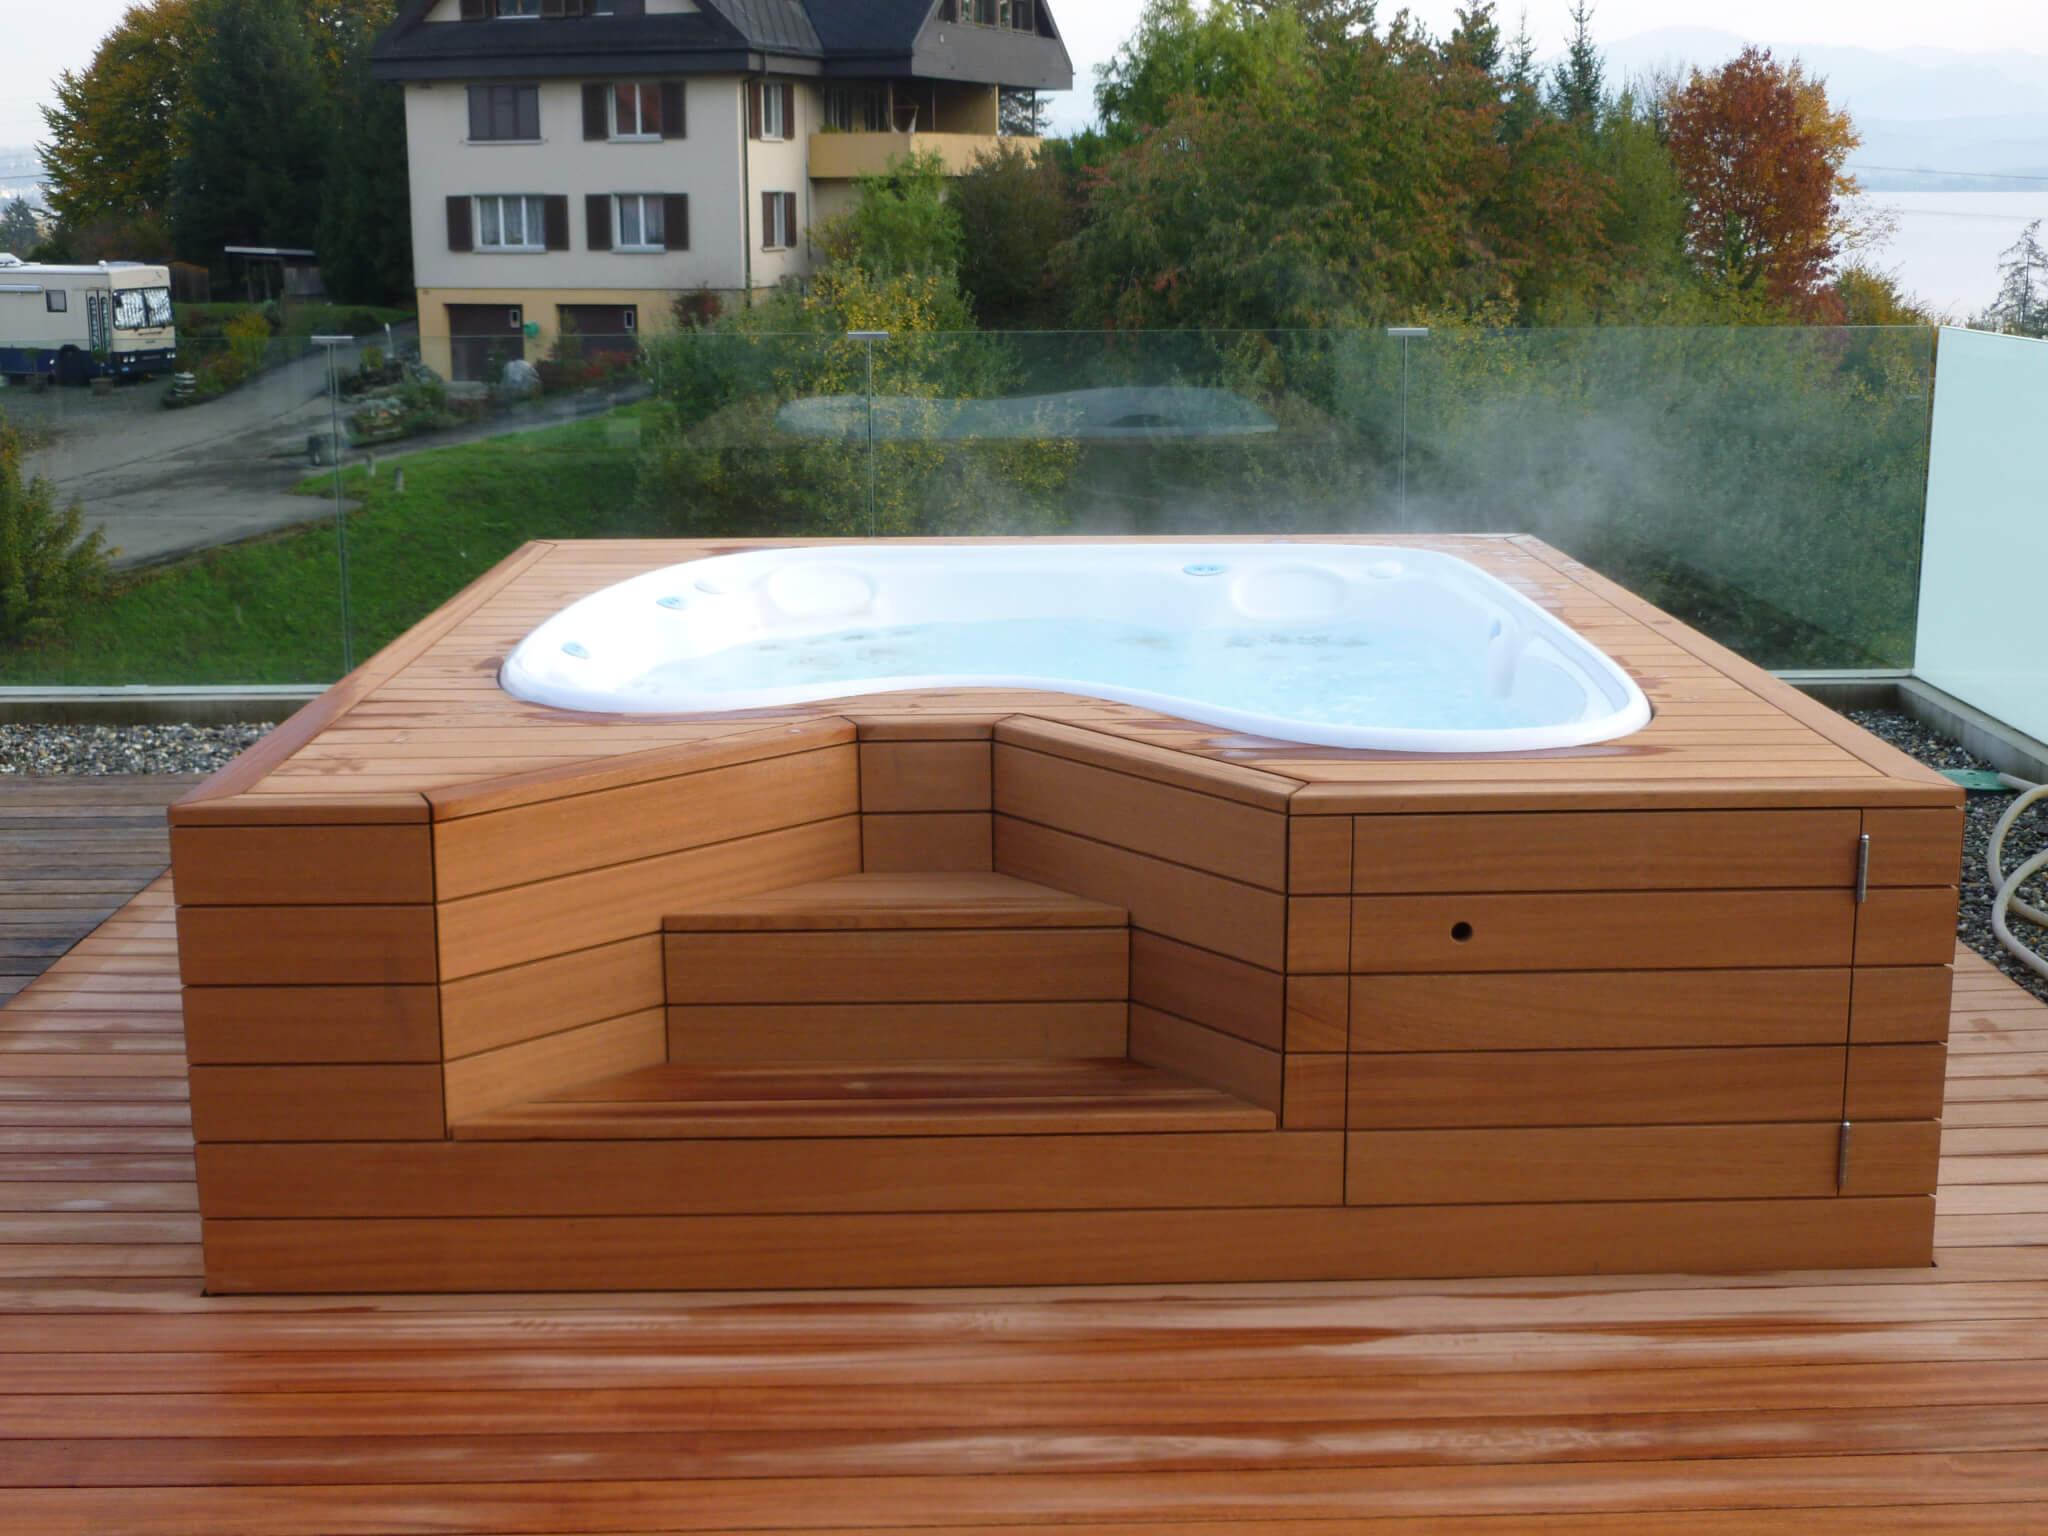 Sipo Terrassendielen Formare Whirlpoolverkleidung mit Holz